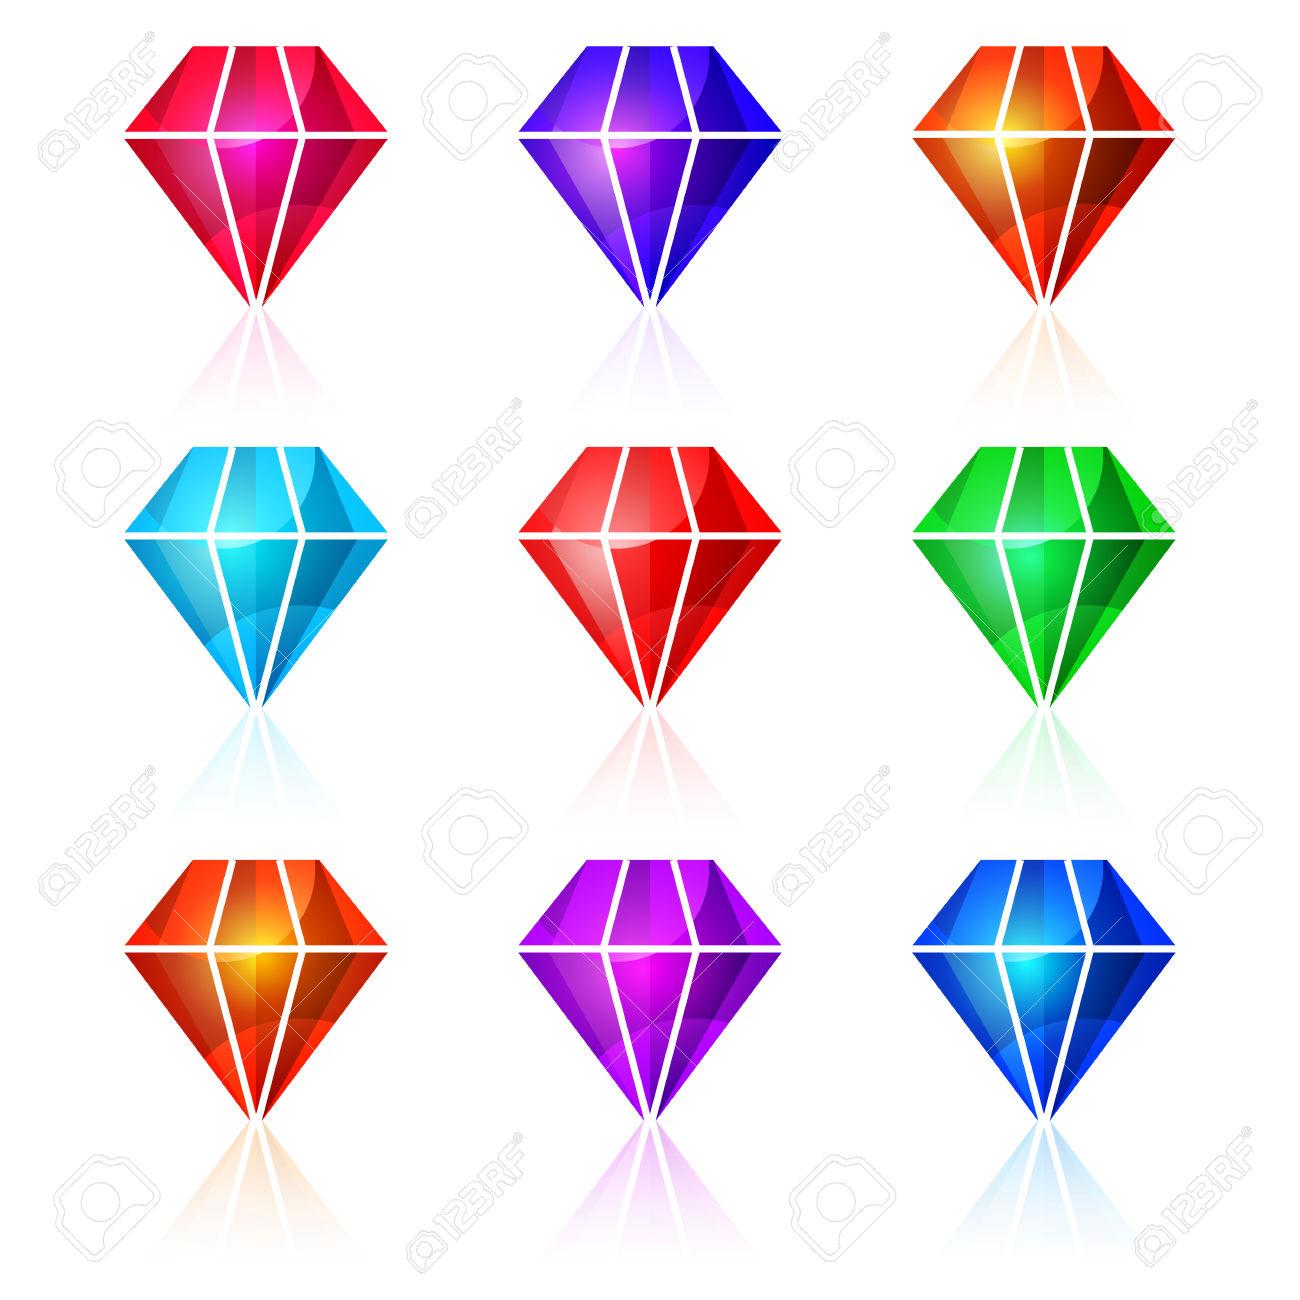 Shiny Diamanti Colorati Illustrazione Vettoriale. Icone Isolato Su.